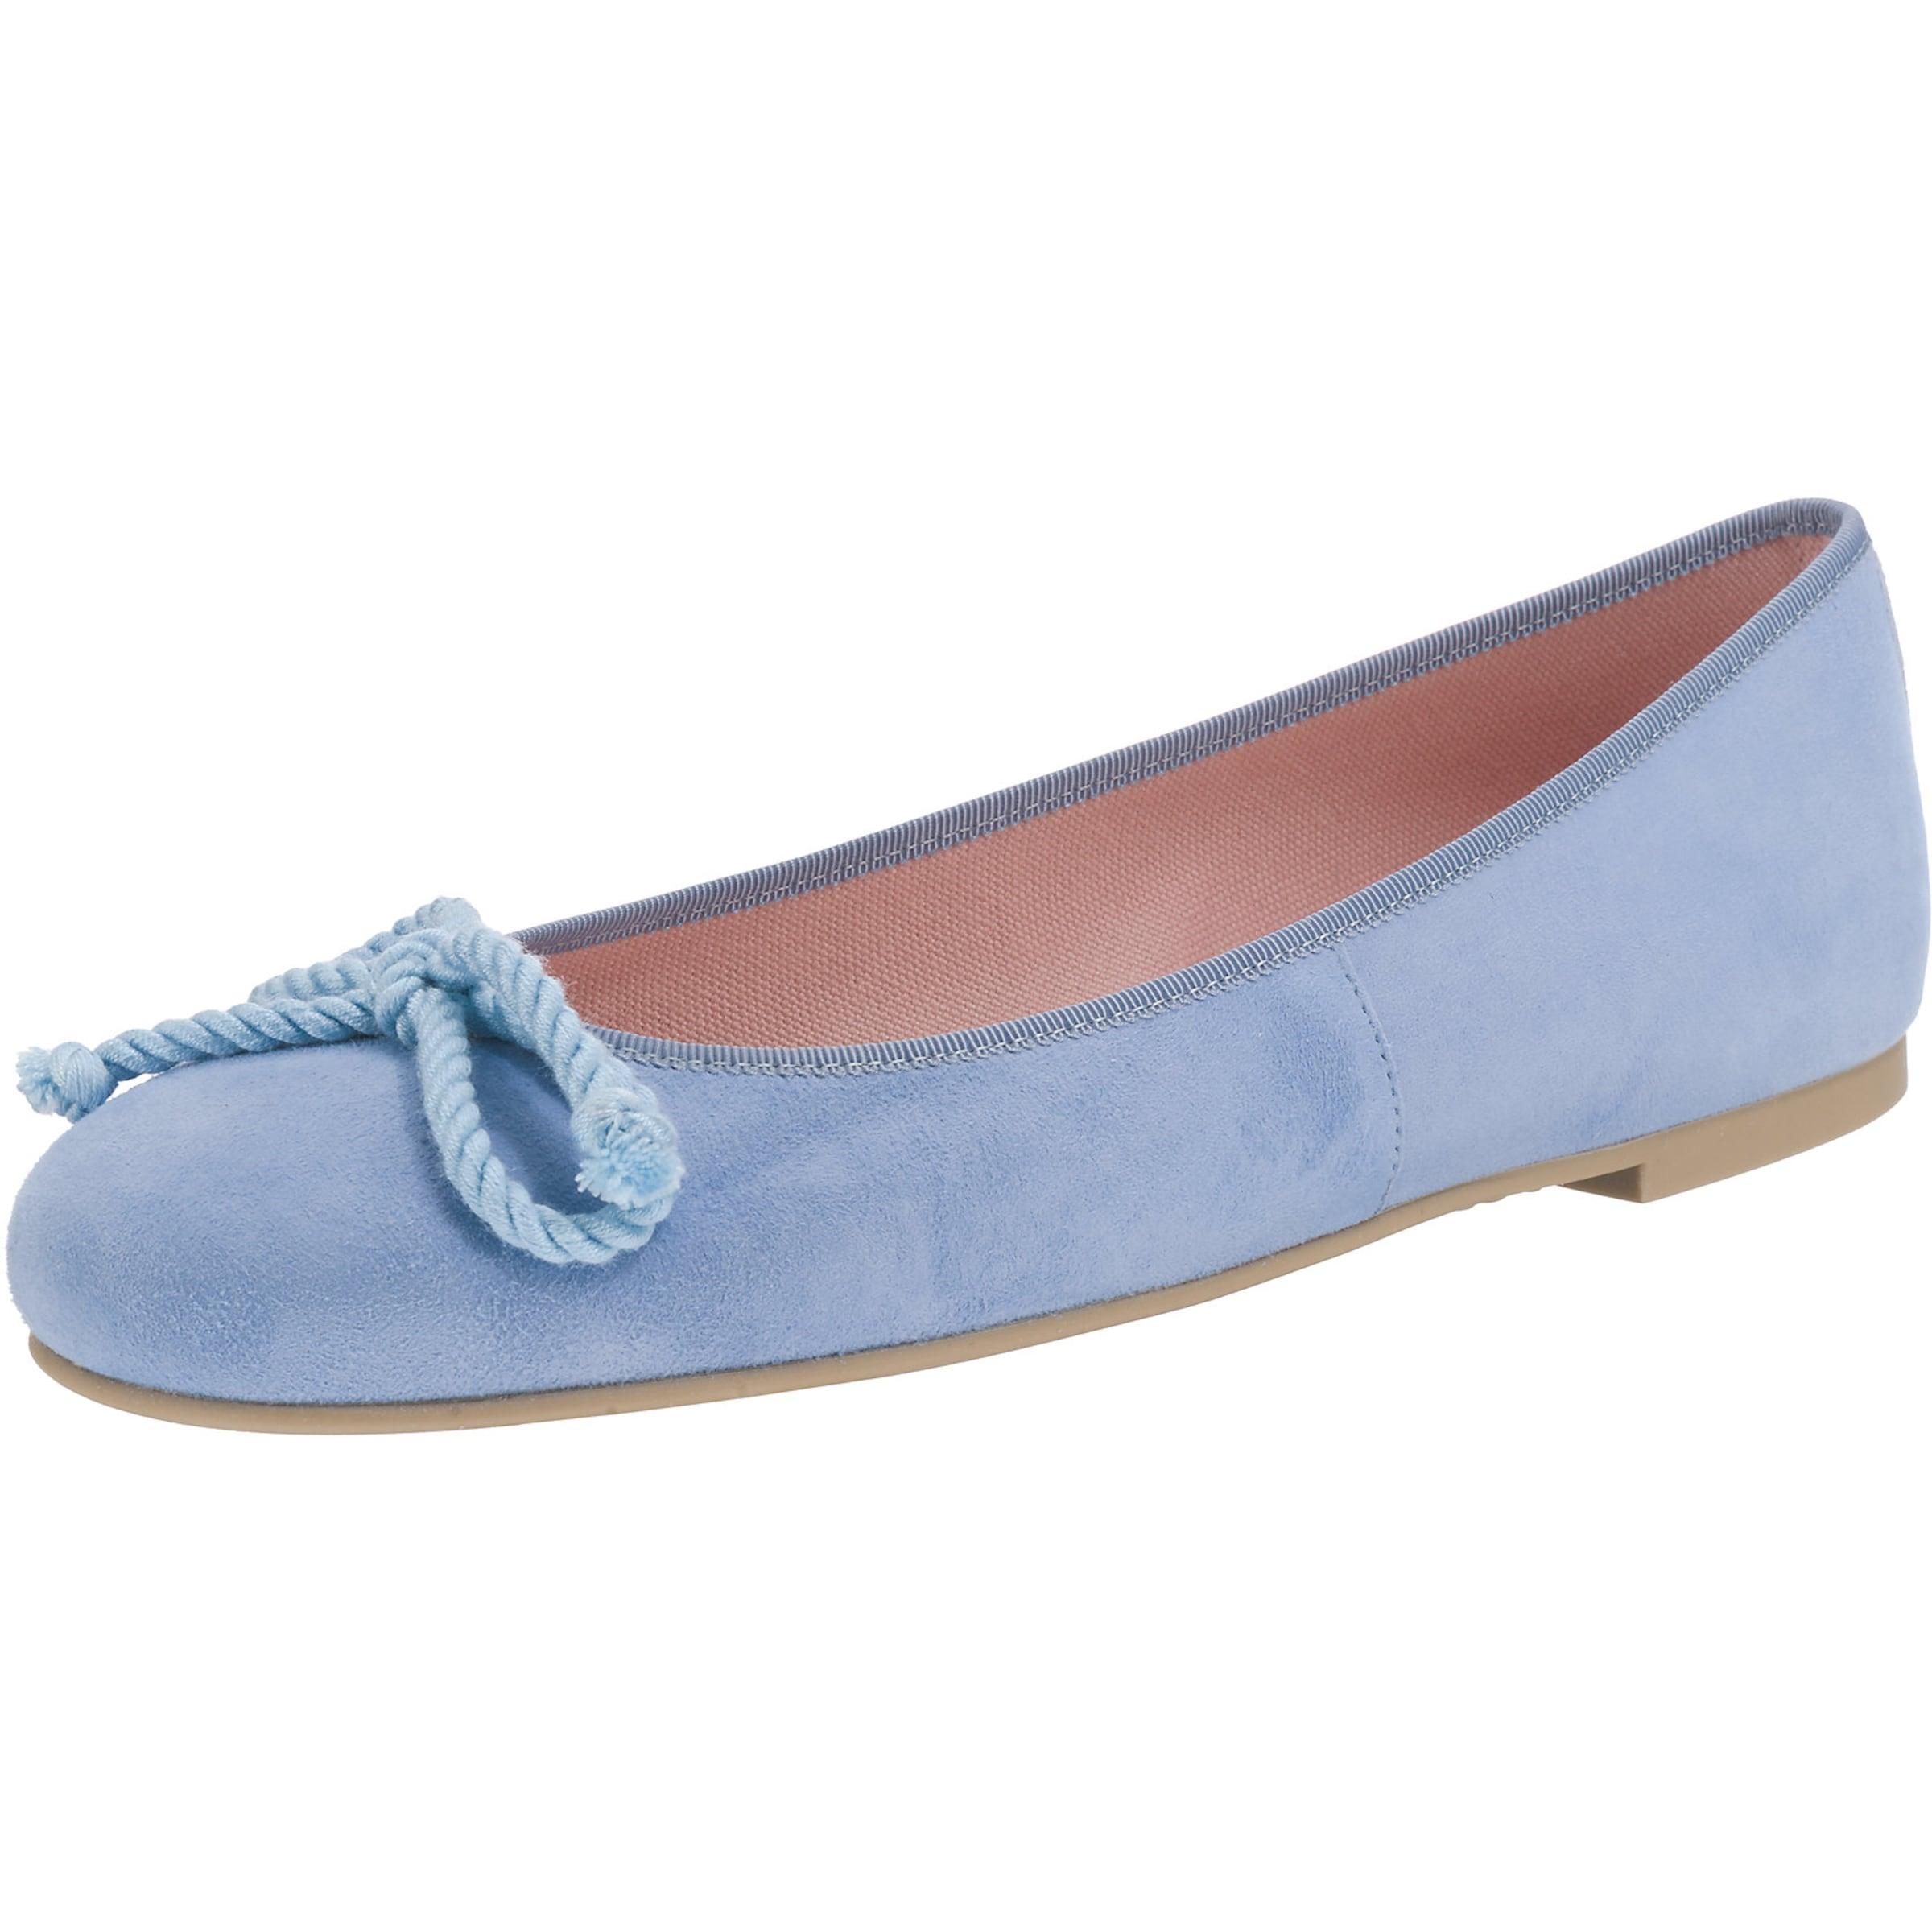 PRETTY BALLERINAS Klassische Ballerinas Verschleißfeste billige Schuhe